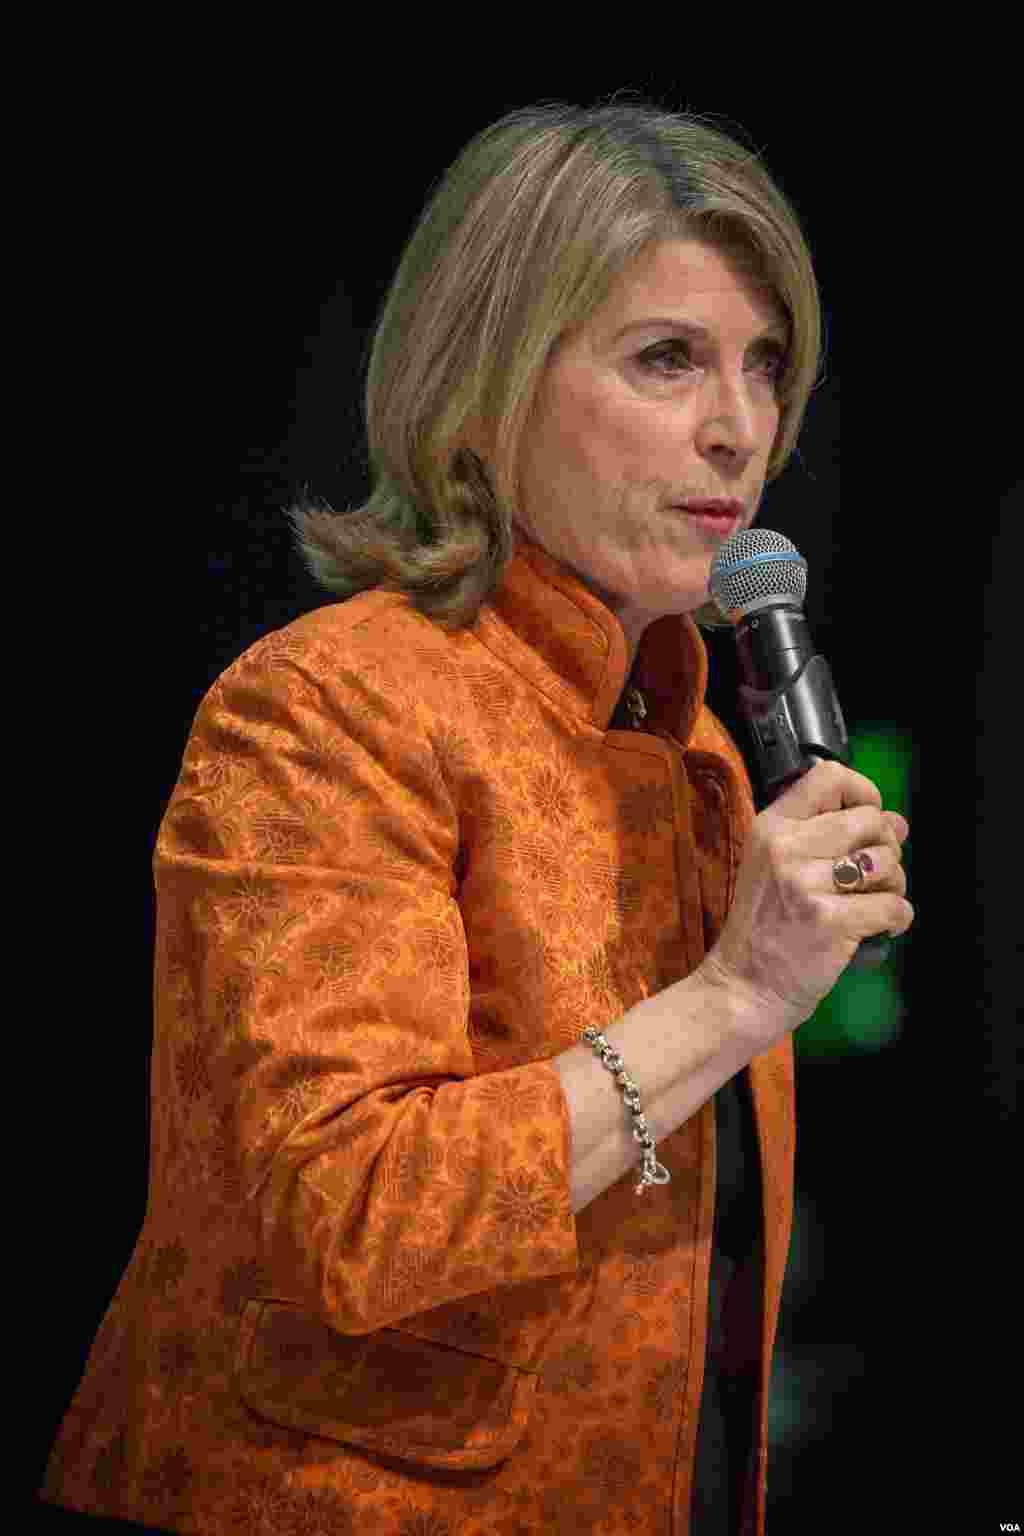 民主党内民调领先的候选人之一凯瑟琳·马休斯(美国之音记者方正拍摄)